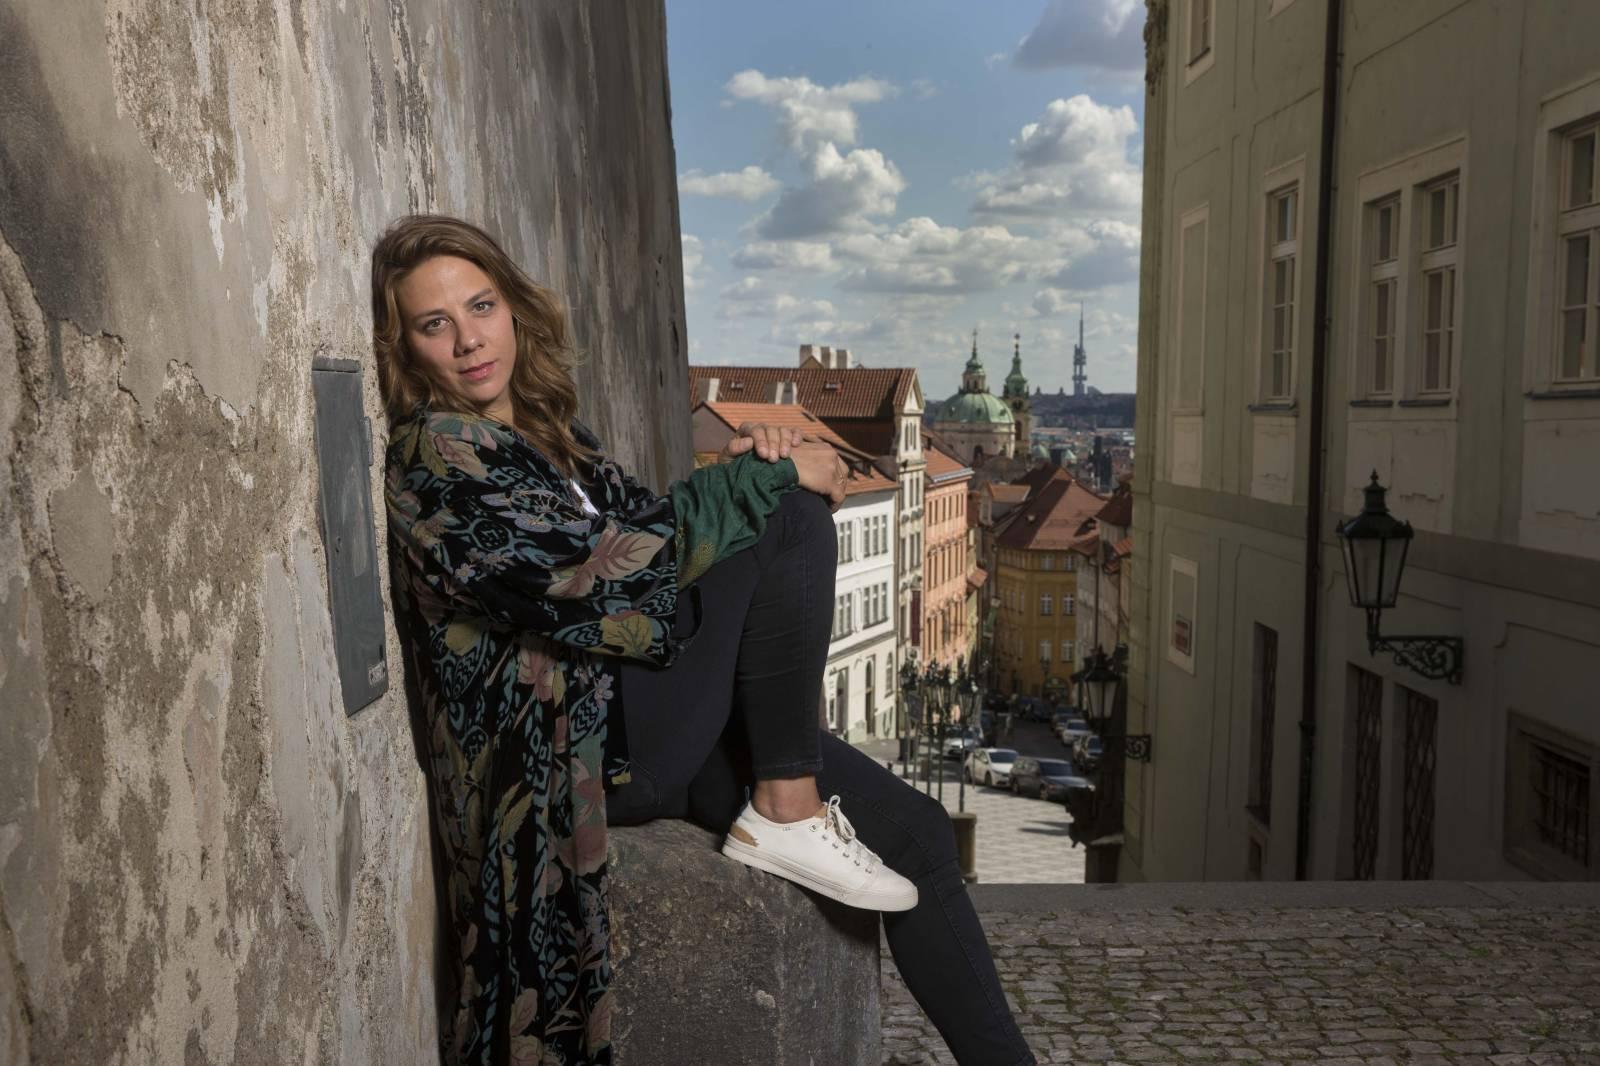 RECENZE: Aneta Langerová se v novince Dvě slunce vyrovnává s těžkými tématy s lehkostí a nadějí v hlase